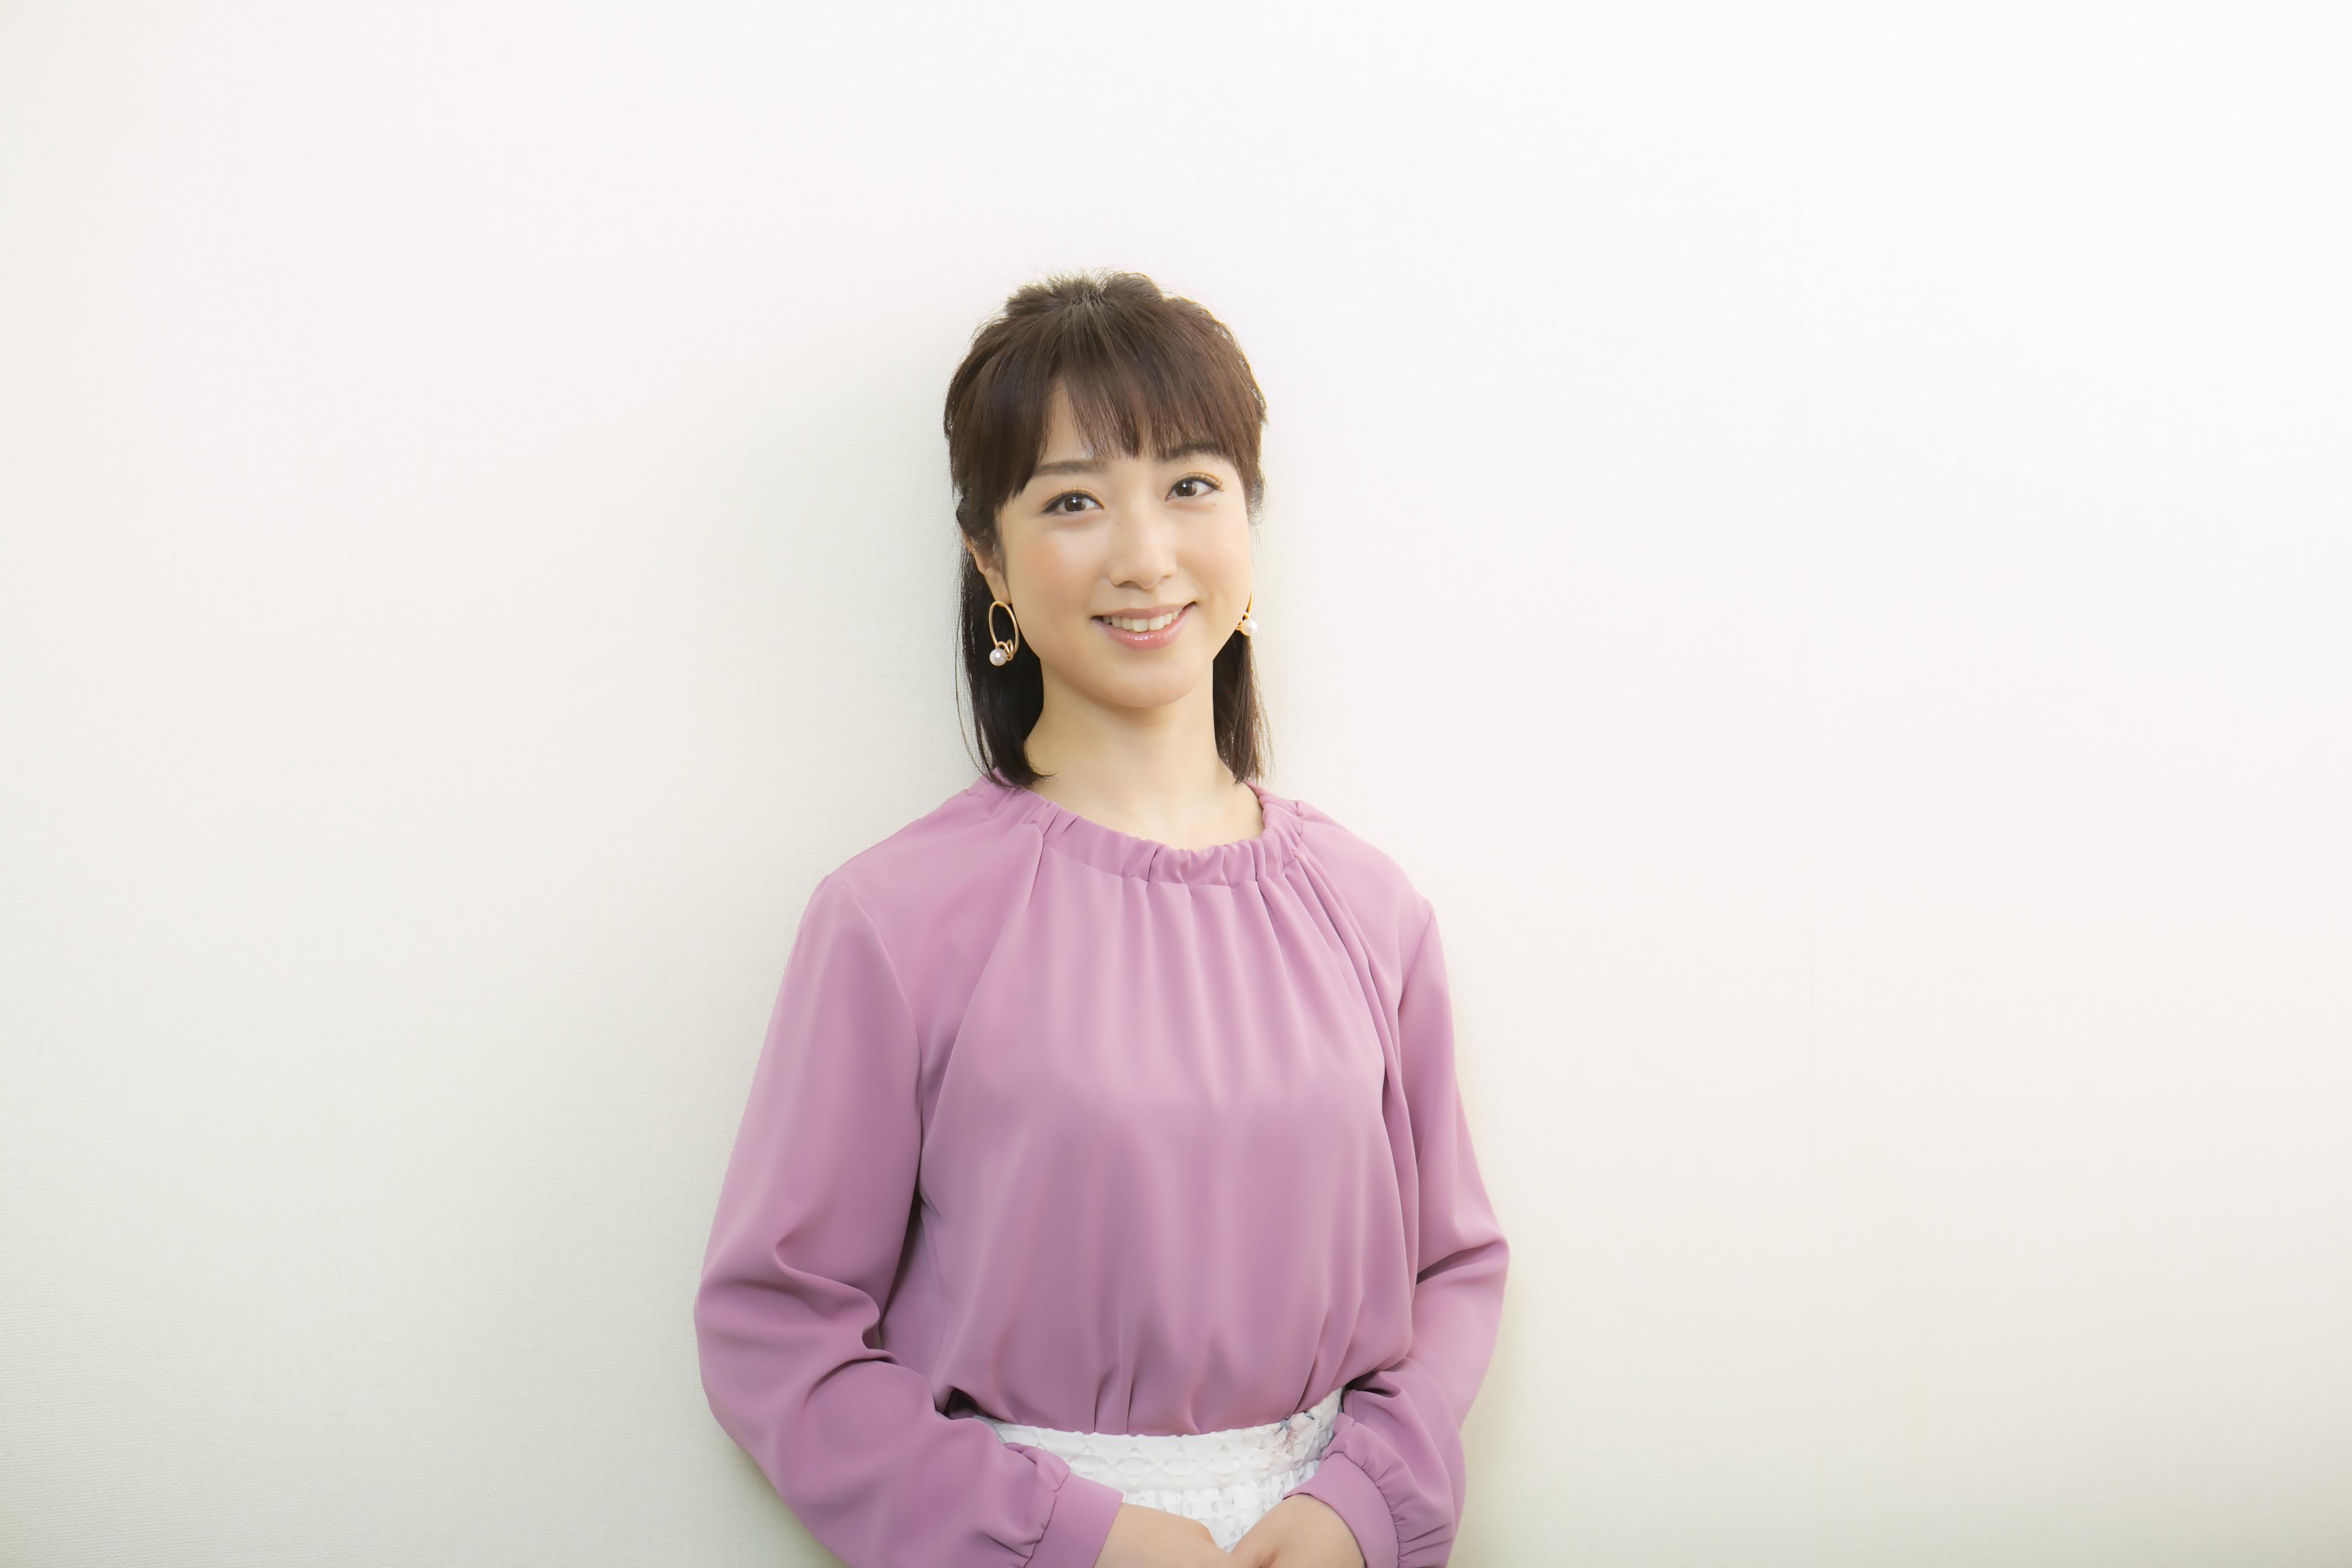 裕美 川田